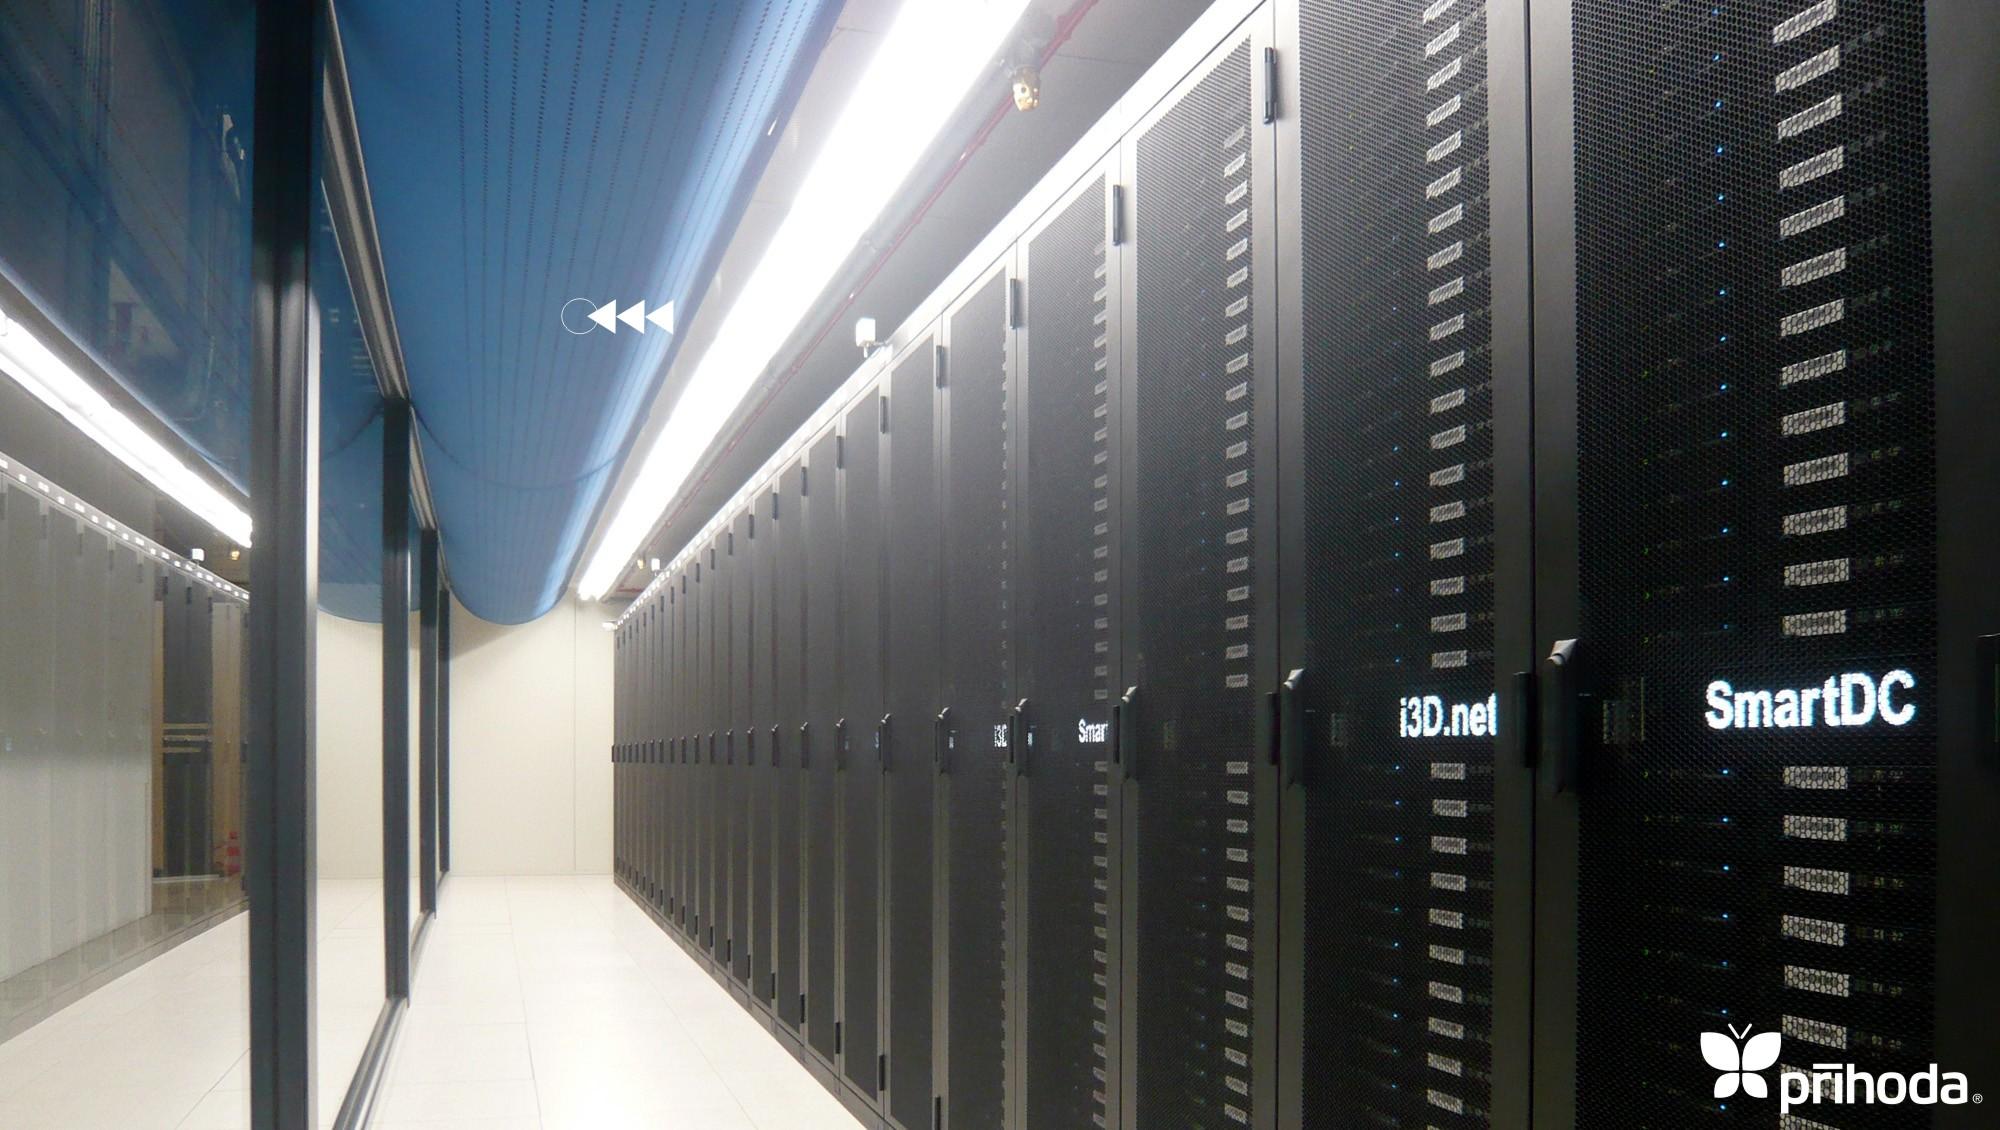 kumaş kanal data center